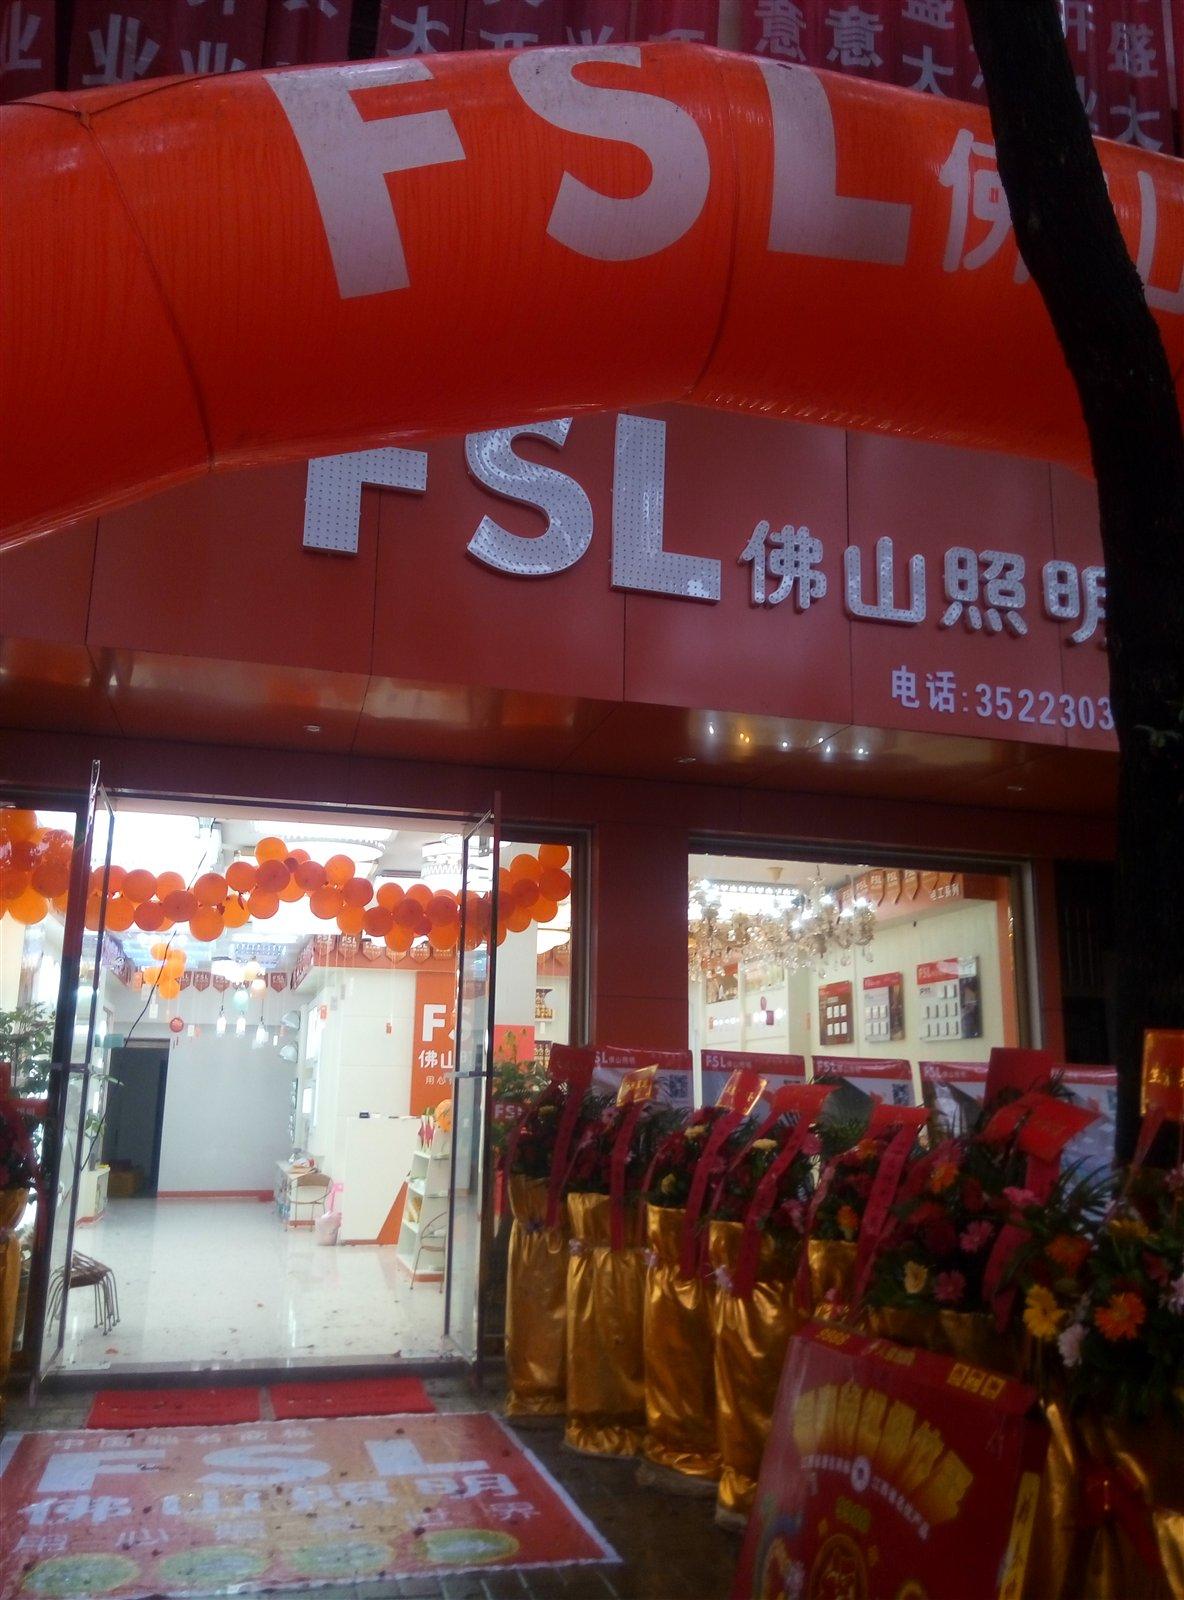 471055佛山照明澳门太阳城平台专卖店